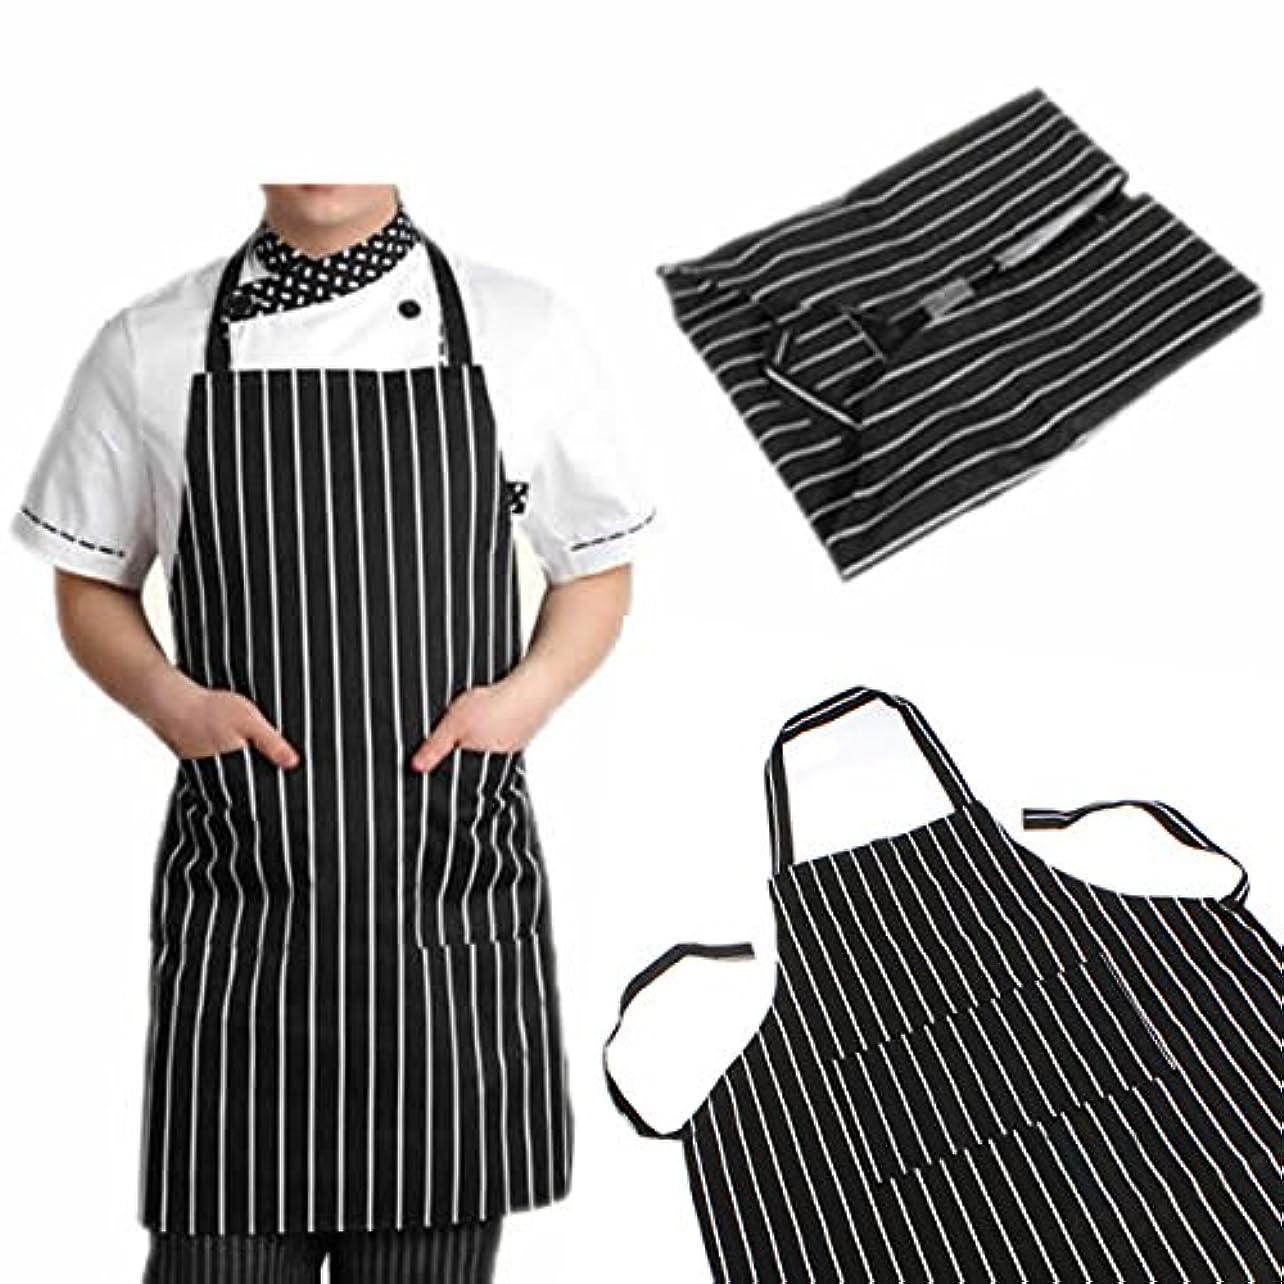 振動させるプライバシービルattachmenttou ブラックストライプビブエプロン 2つのポケット付き キッチン料理 耐久性のある 有用 調節可能な 大人